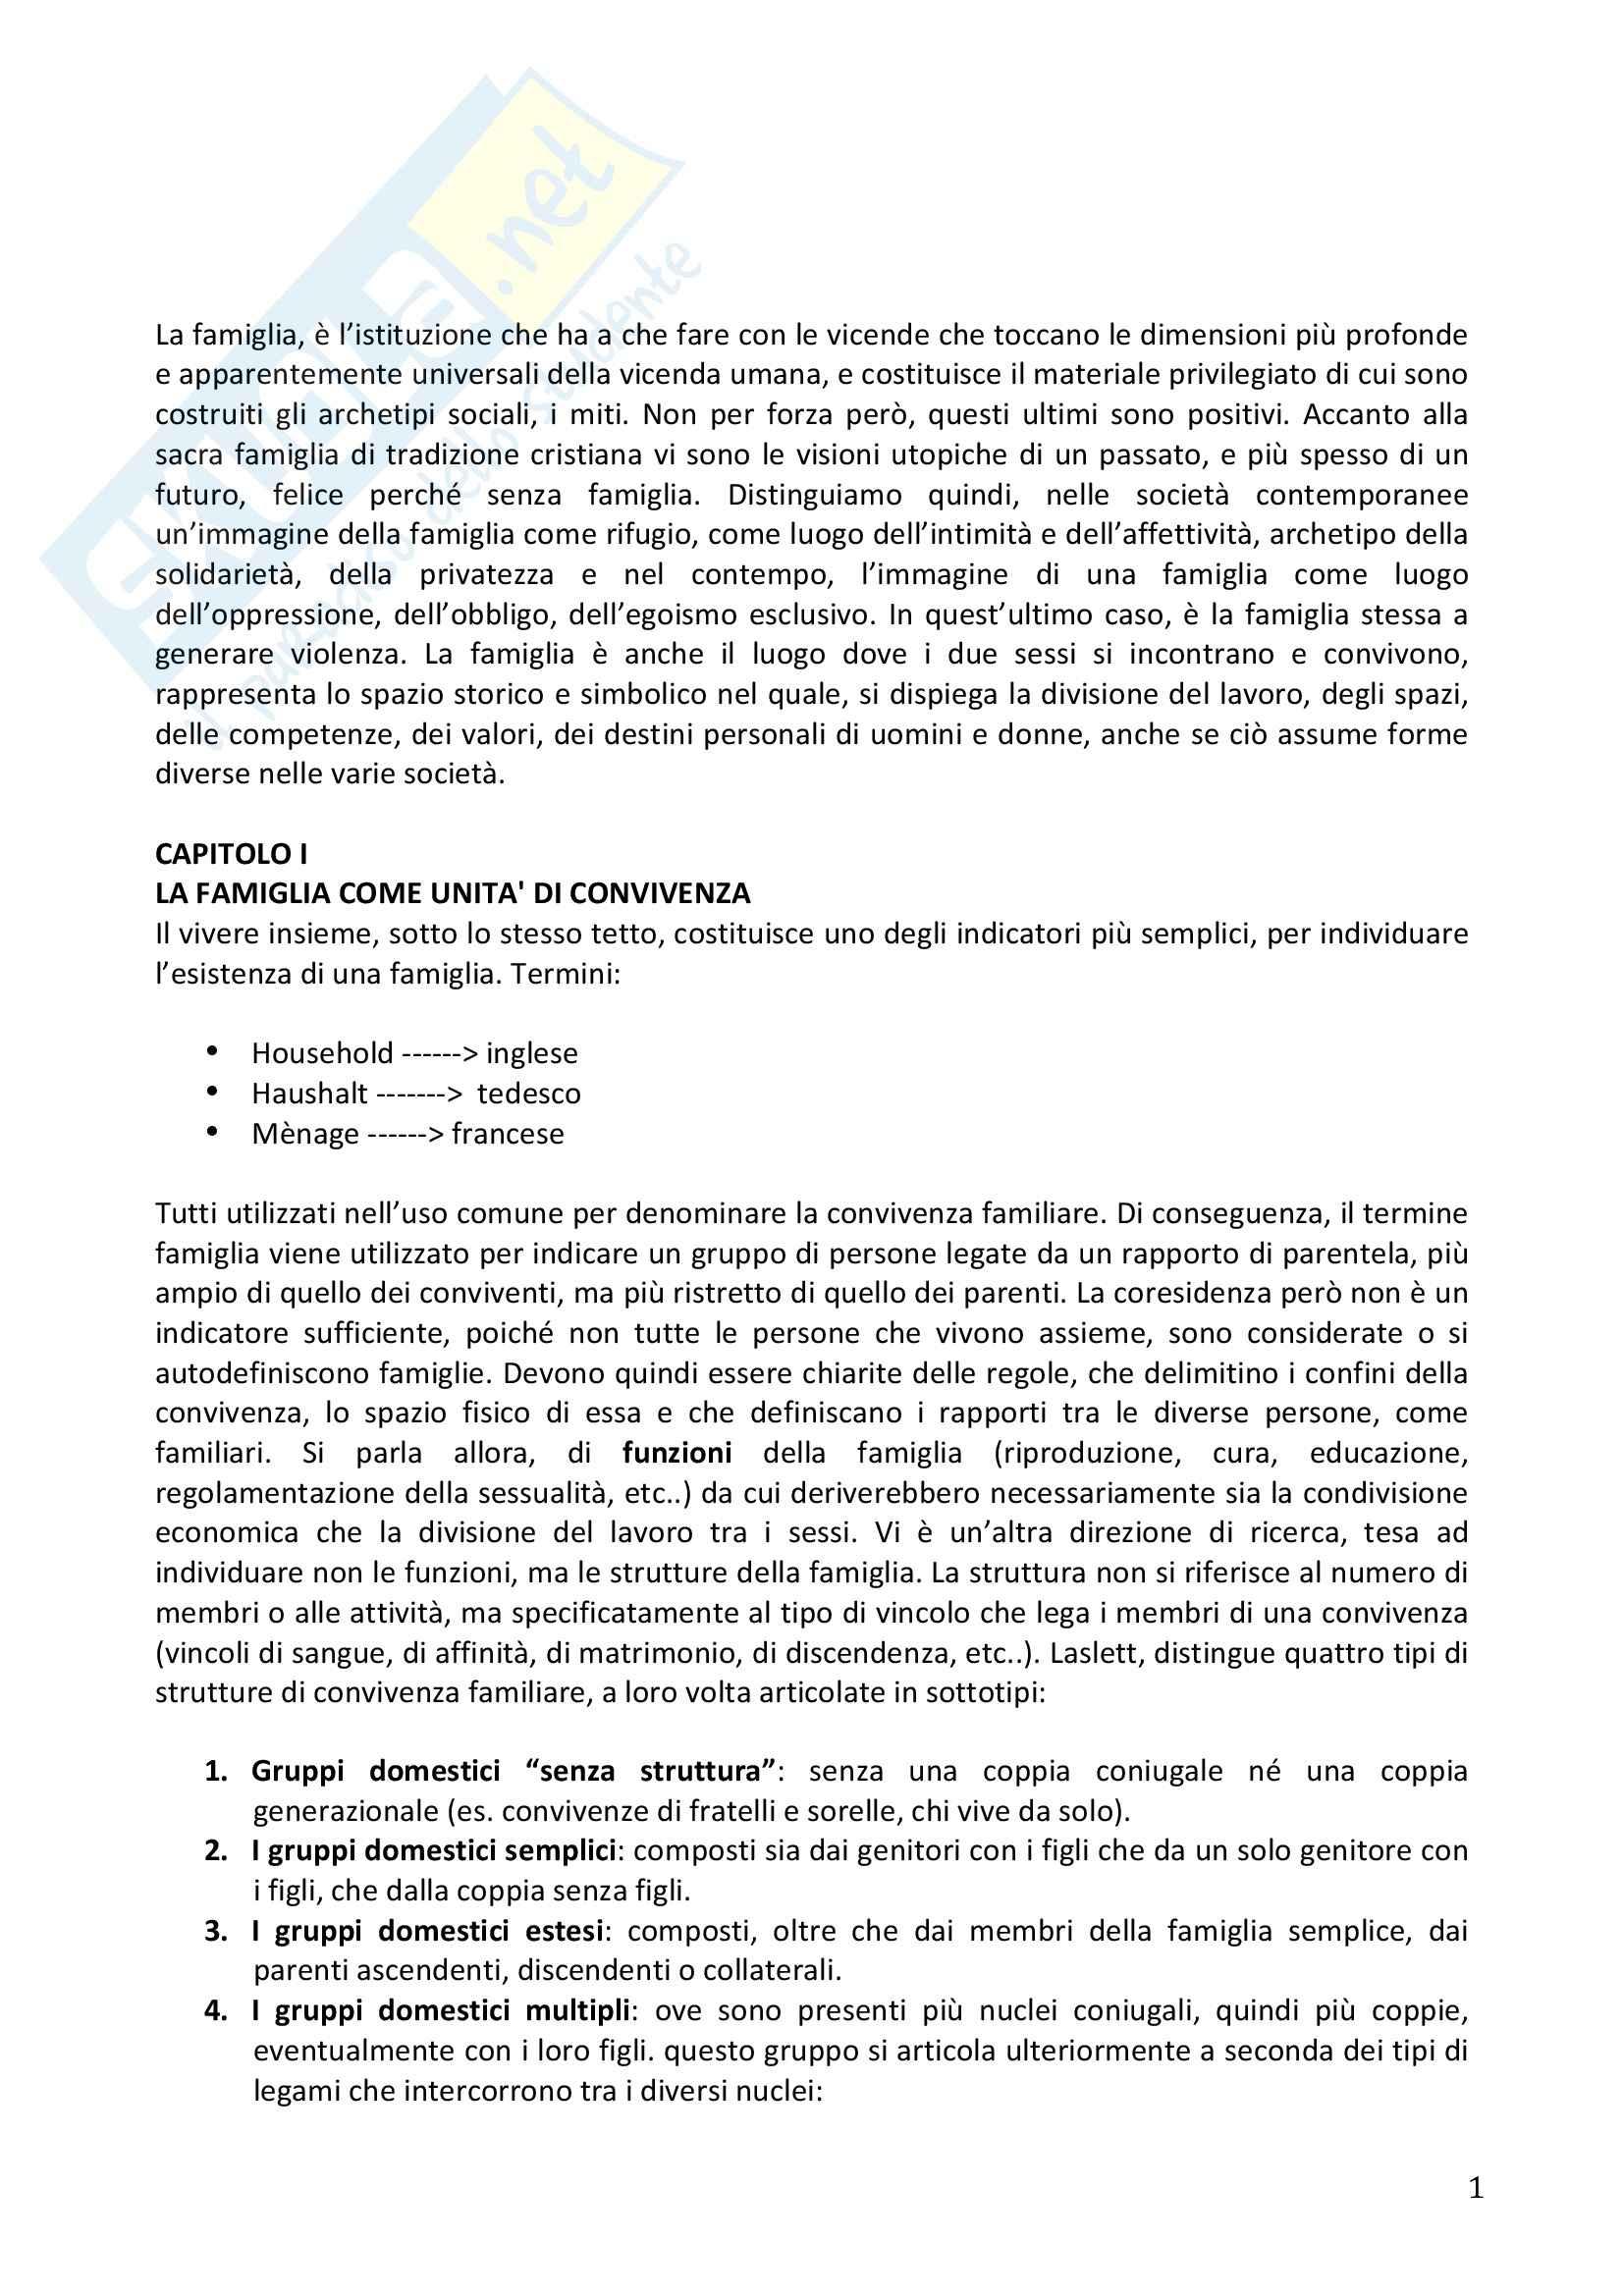 Riassunto esame Sociologia della famiglia, prof. Naldini, libro consigliato Manuale di sociologia della famiglia, Saraceno, Naldini